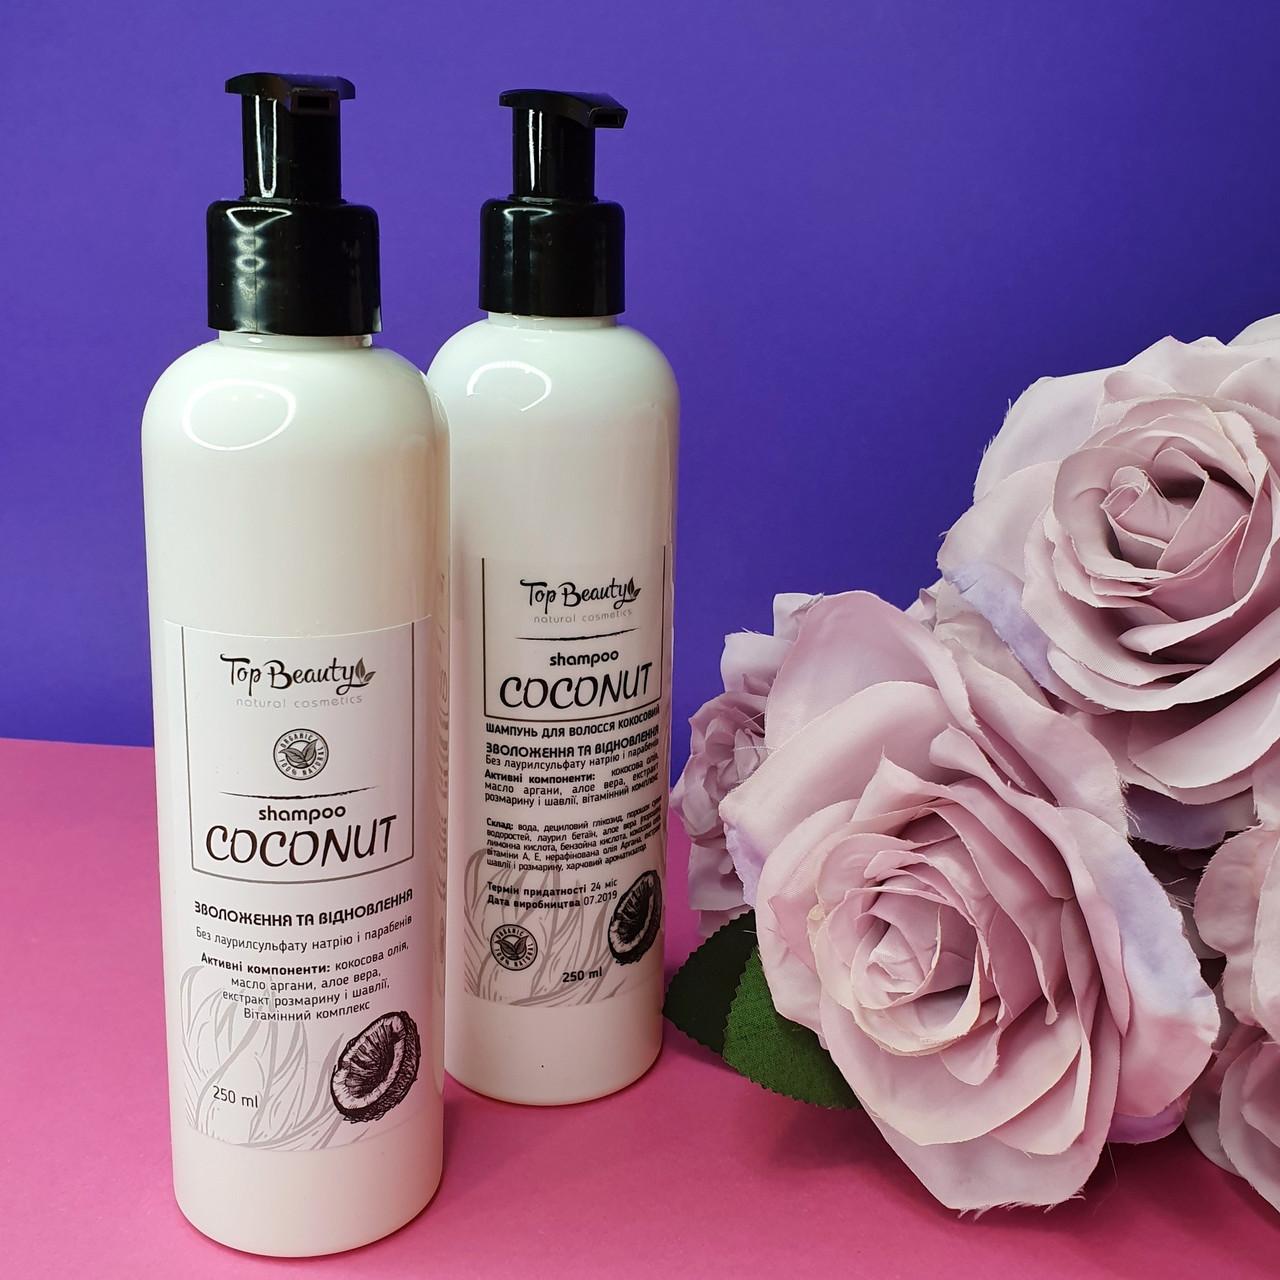 Органический шампунь для волос кокосовый Top Beauty Shampoo Coconut Увлажнение и Восстановление 250 мл